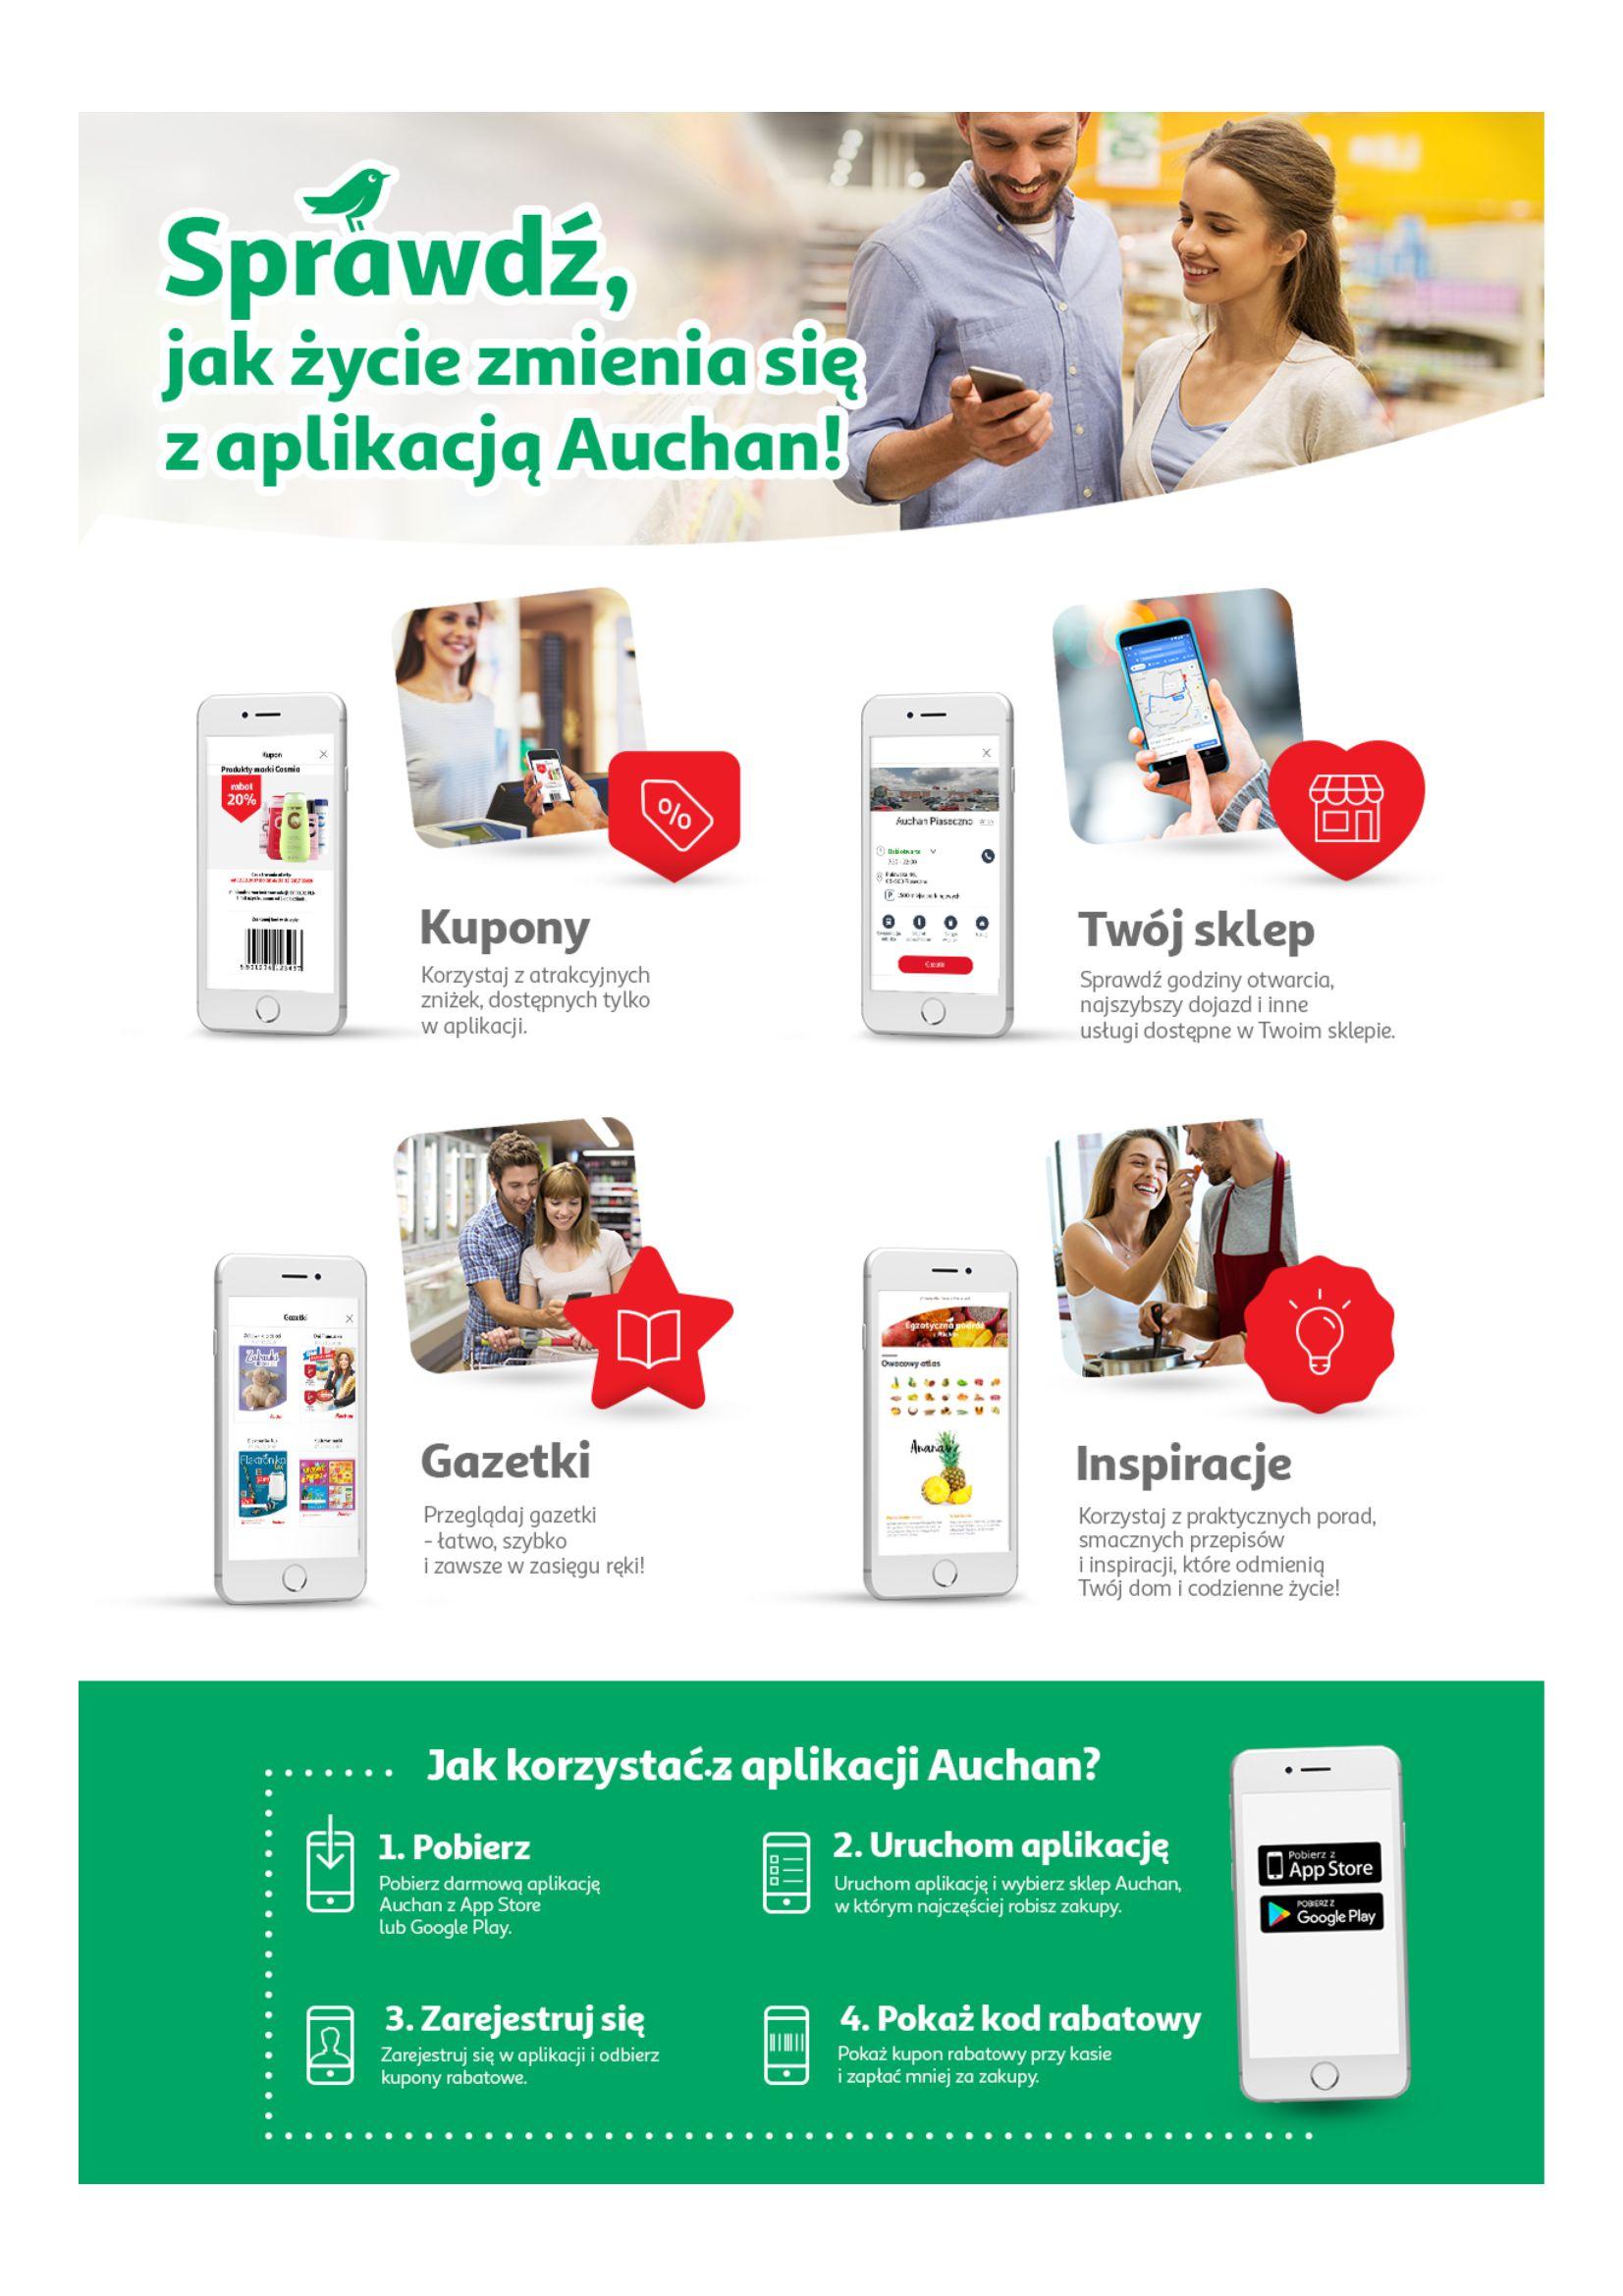 Gazetka Auchan - Taniej z aplikacją Hipermarkety-10.04.2019-16.04.2019-page-